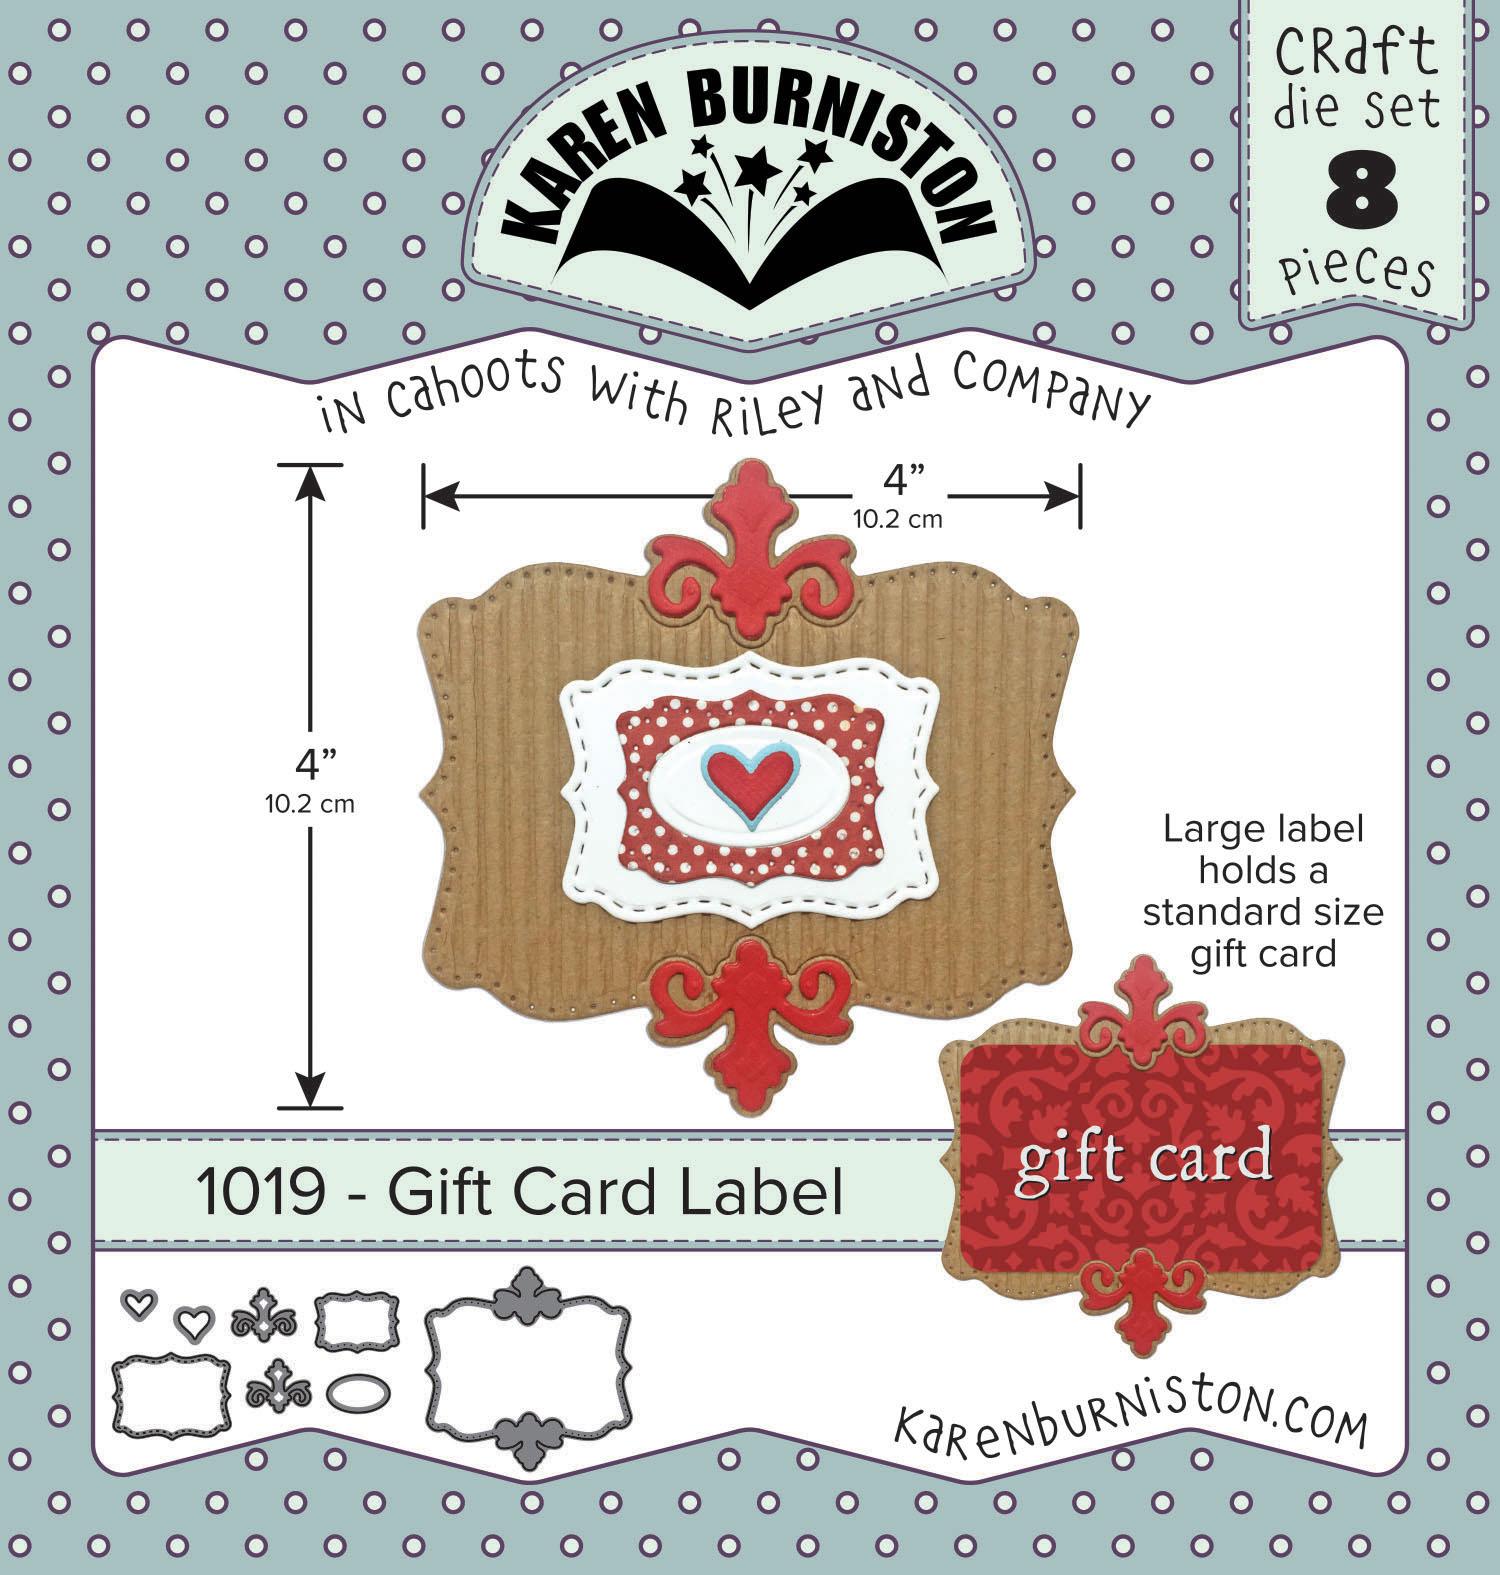 1019-giftcardlabel.jpg